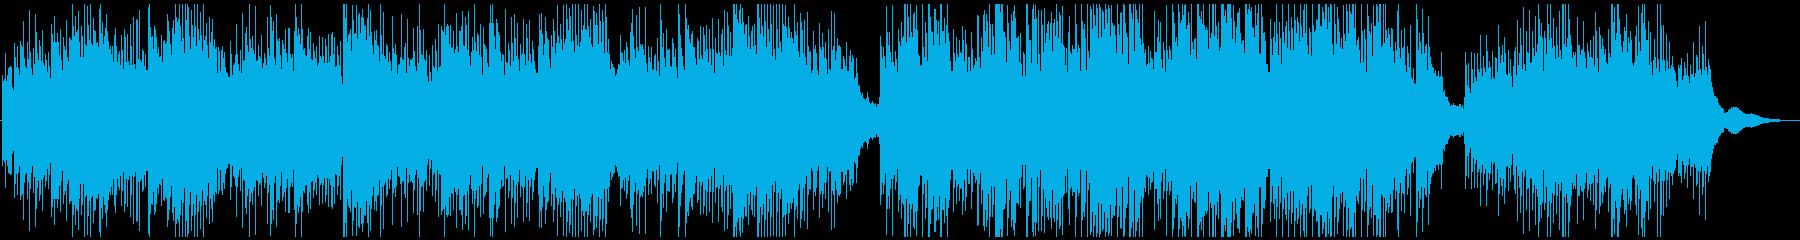 ドローン映像系の浮揚感ピアノアンビエントの再生済みの波形